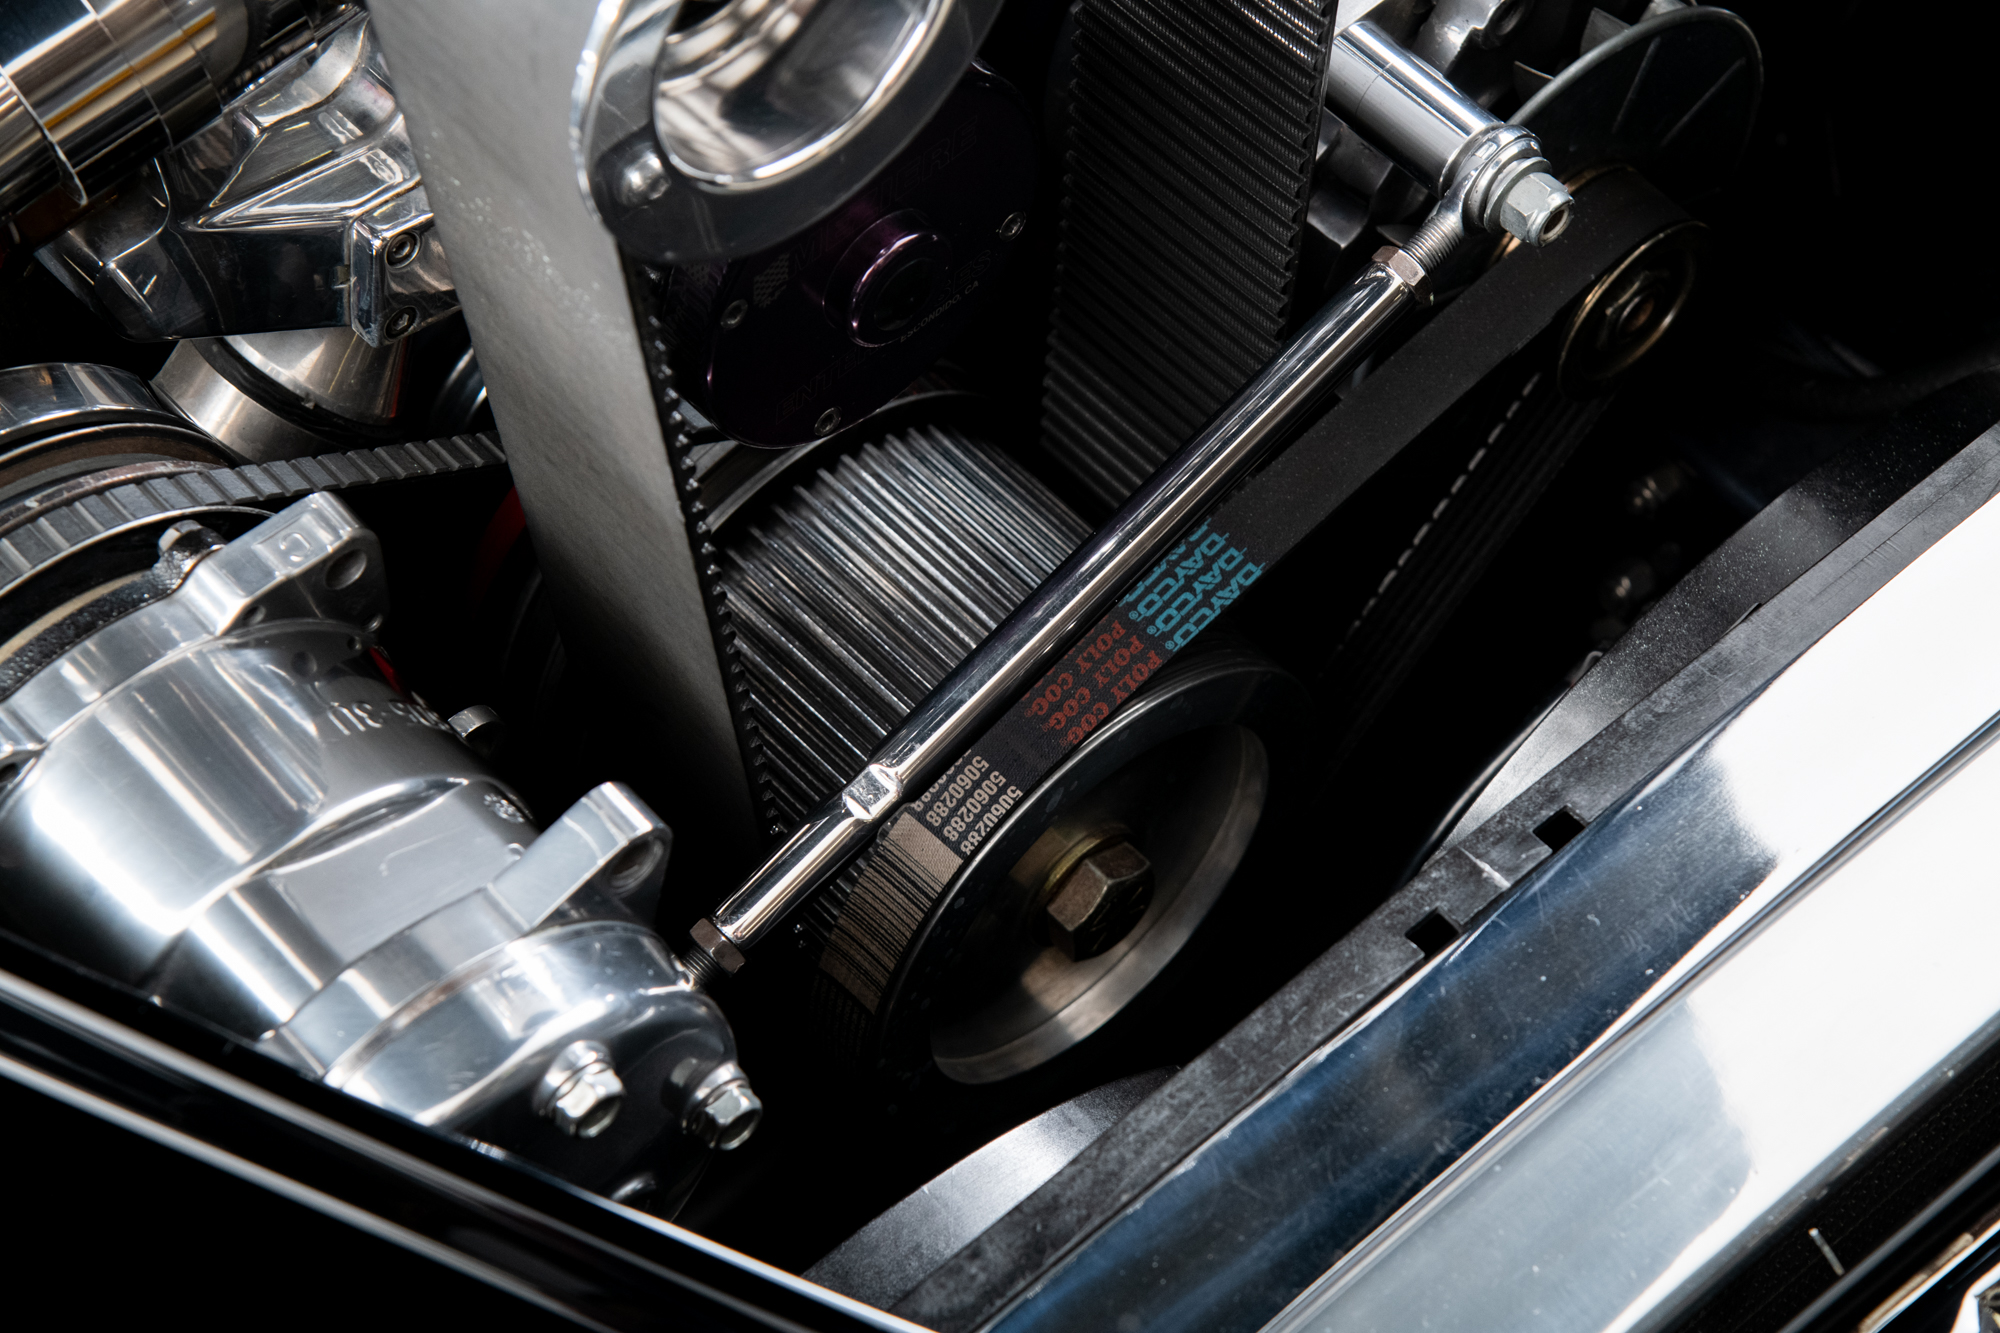 1940 Willys Americar , BLACK, VIN 3794140, MILEAGE 1611